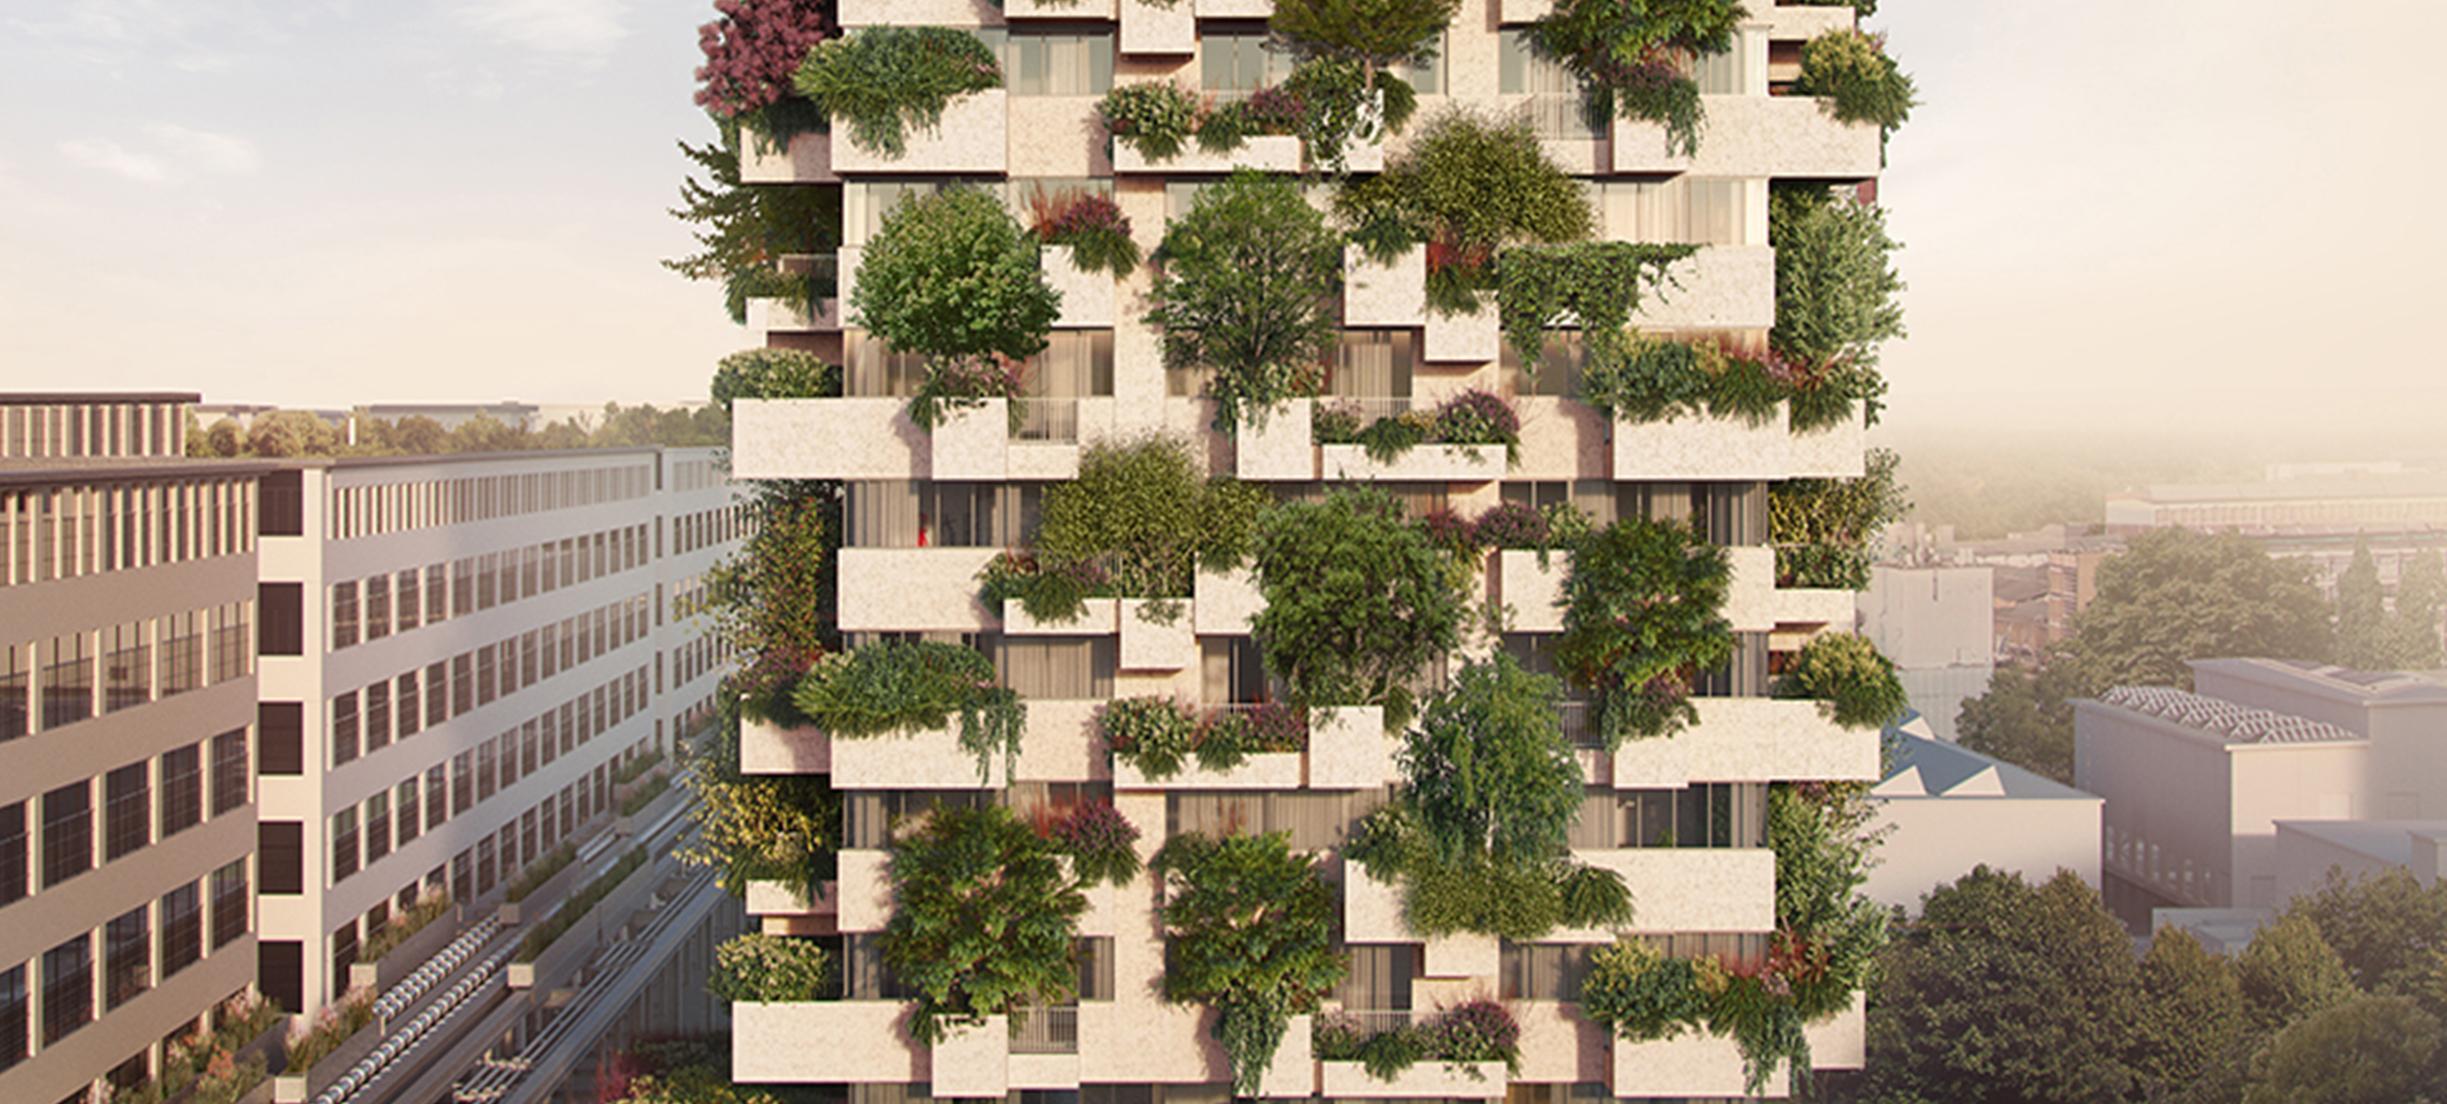 Eindhoven laat zien dat sociale woningbouw spectaculair groen kan zijn, en meer nieuws